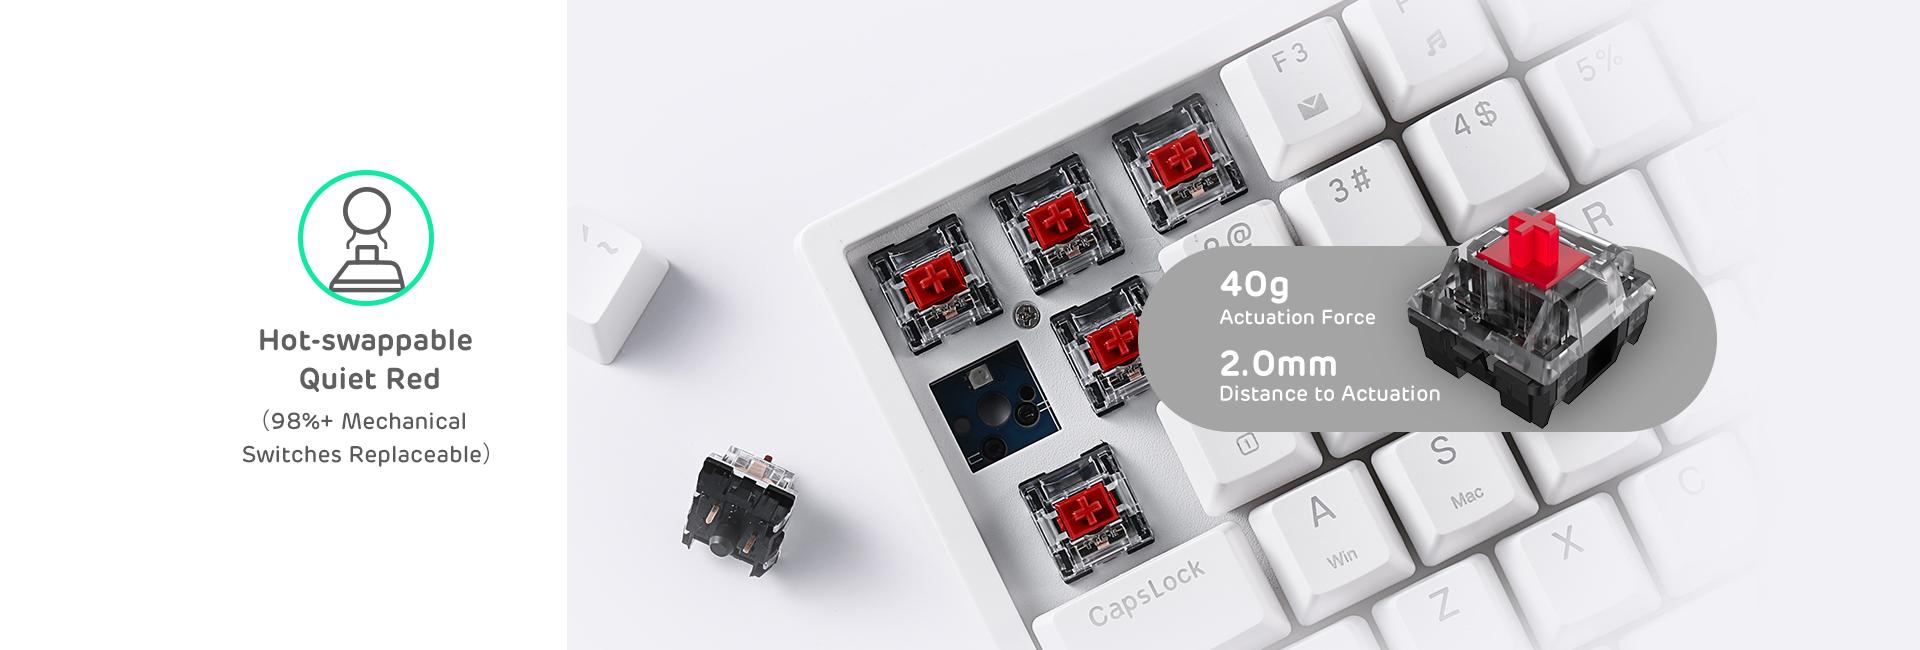 rk87 80 keyboard.jpg